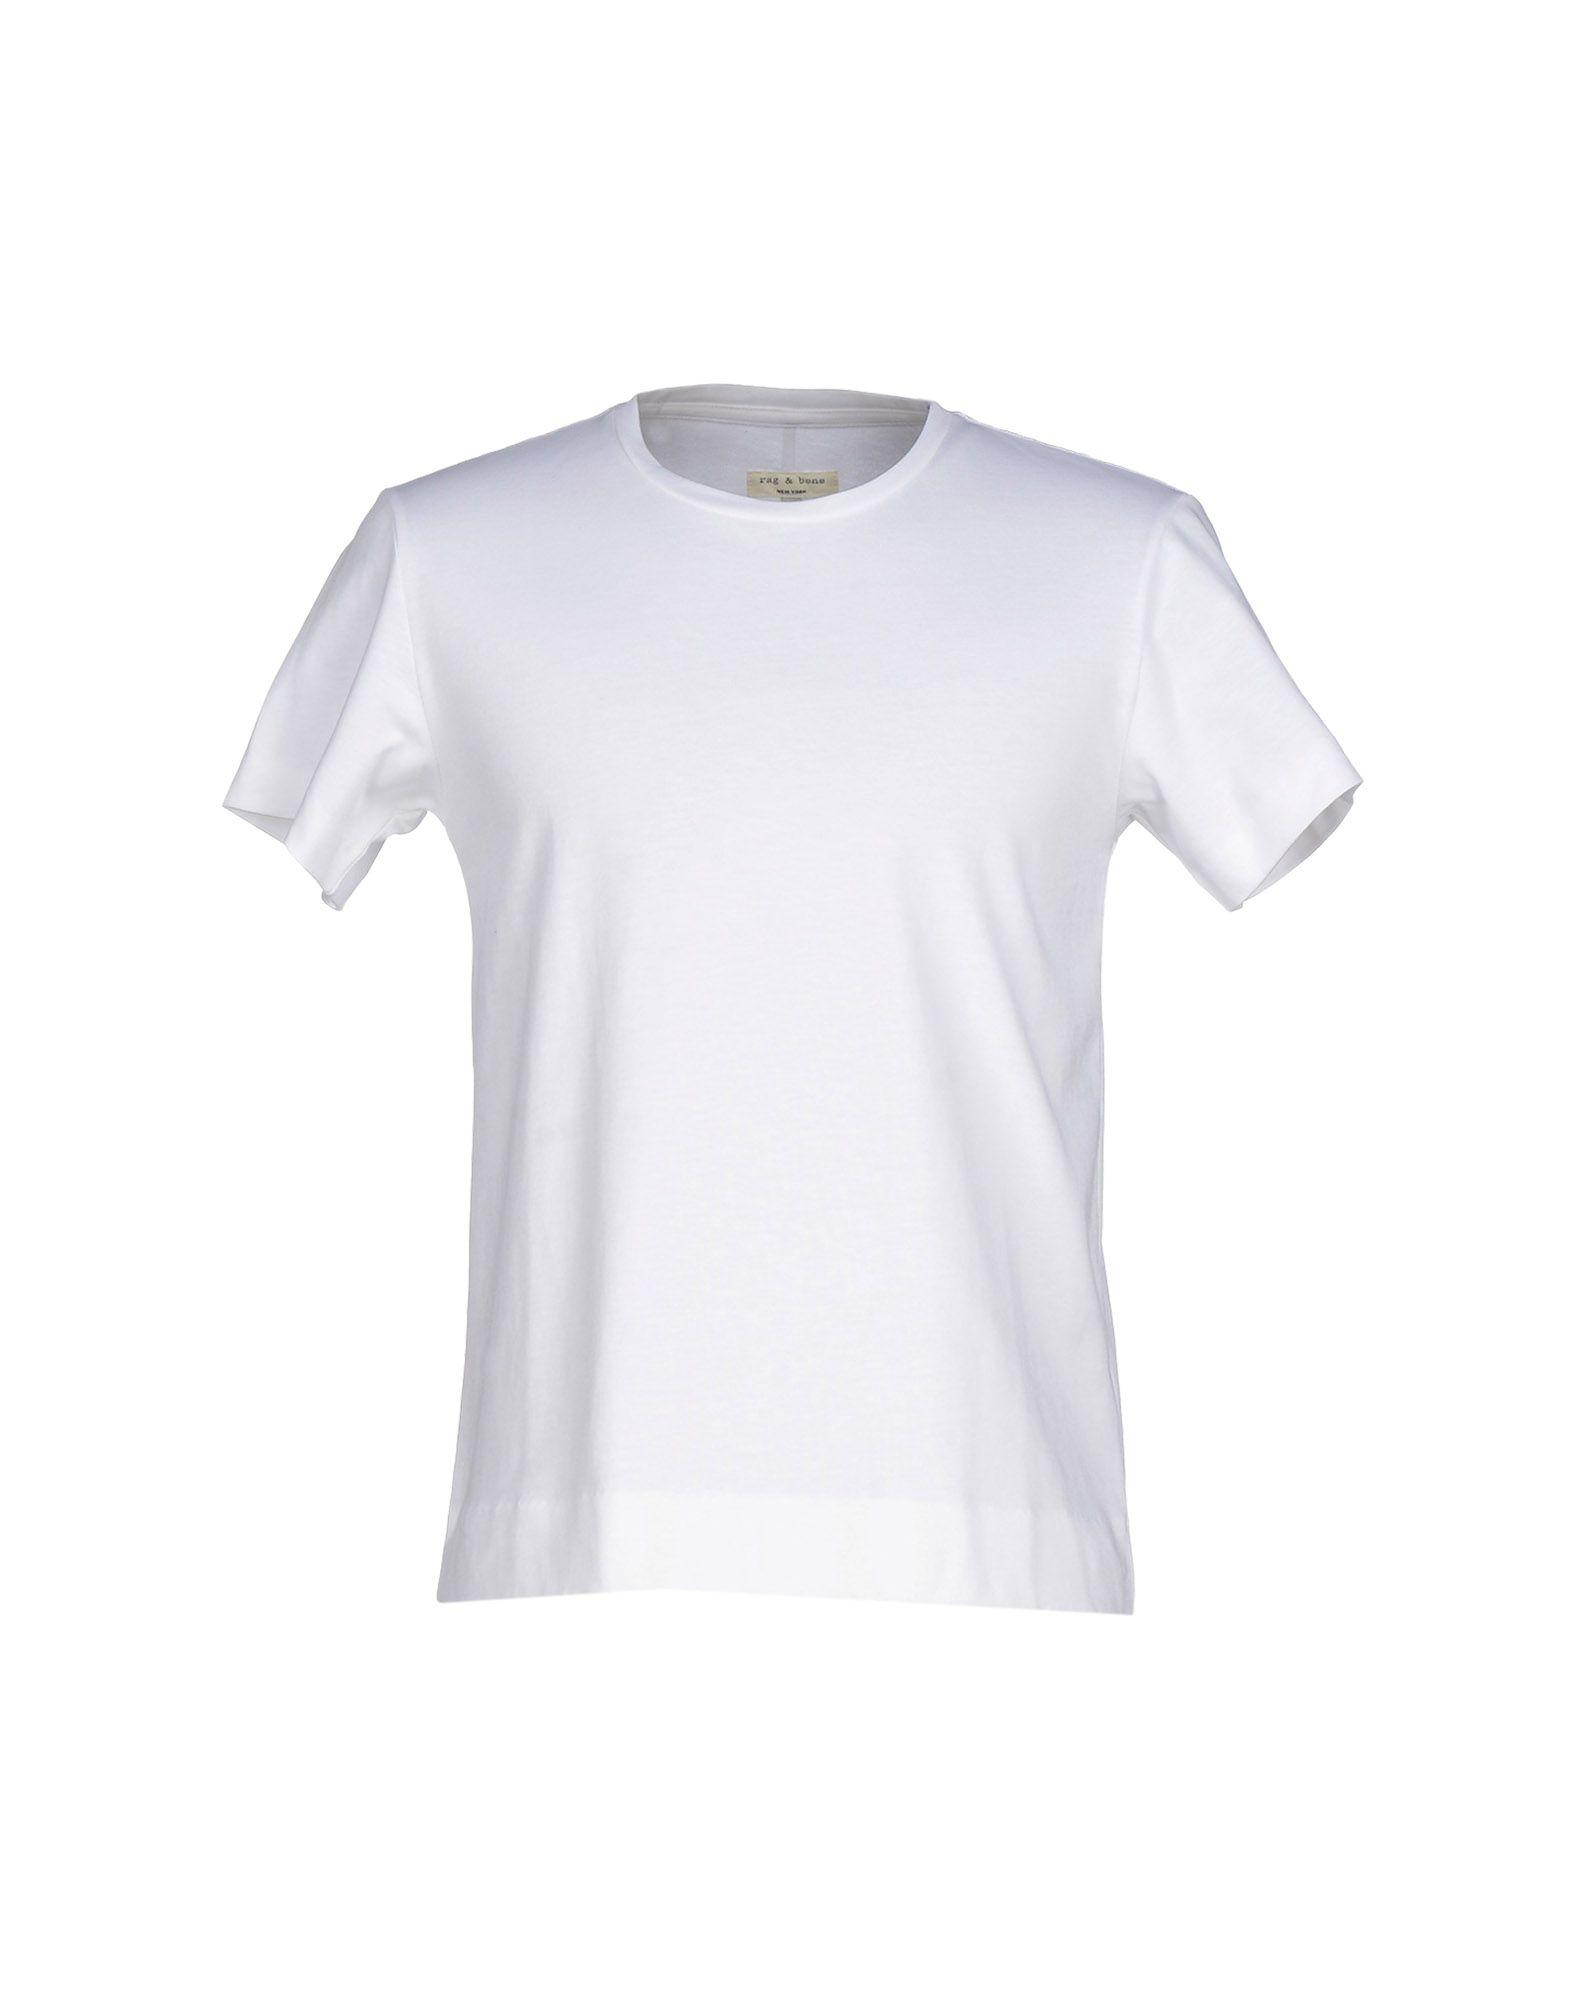 Rag bone t shirt in white for men lyst for Rag and bone white t shirt